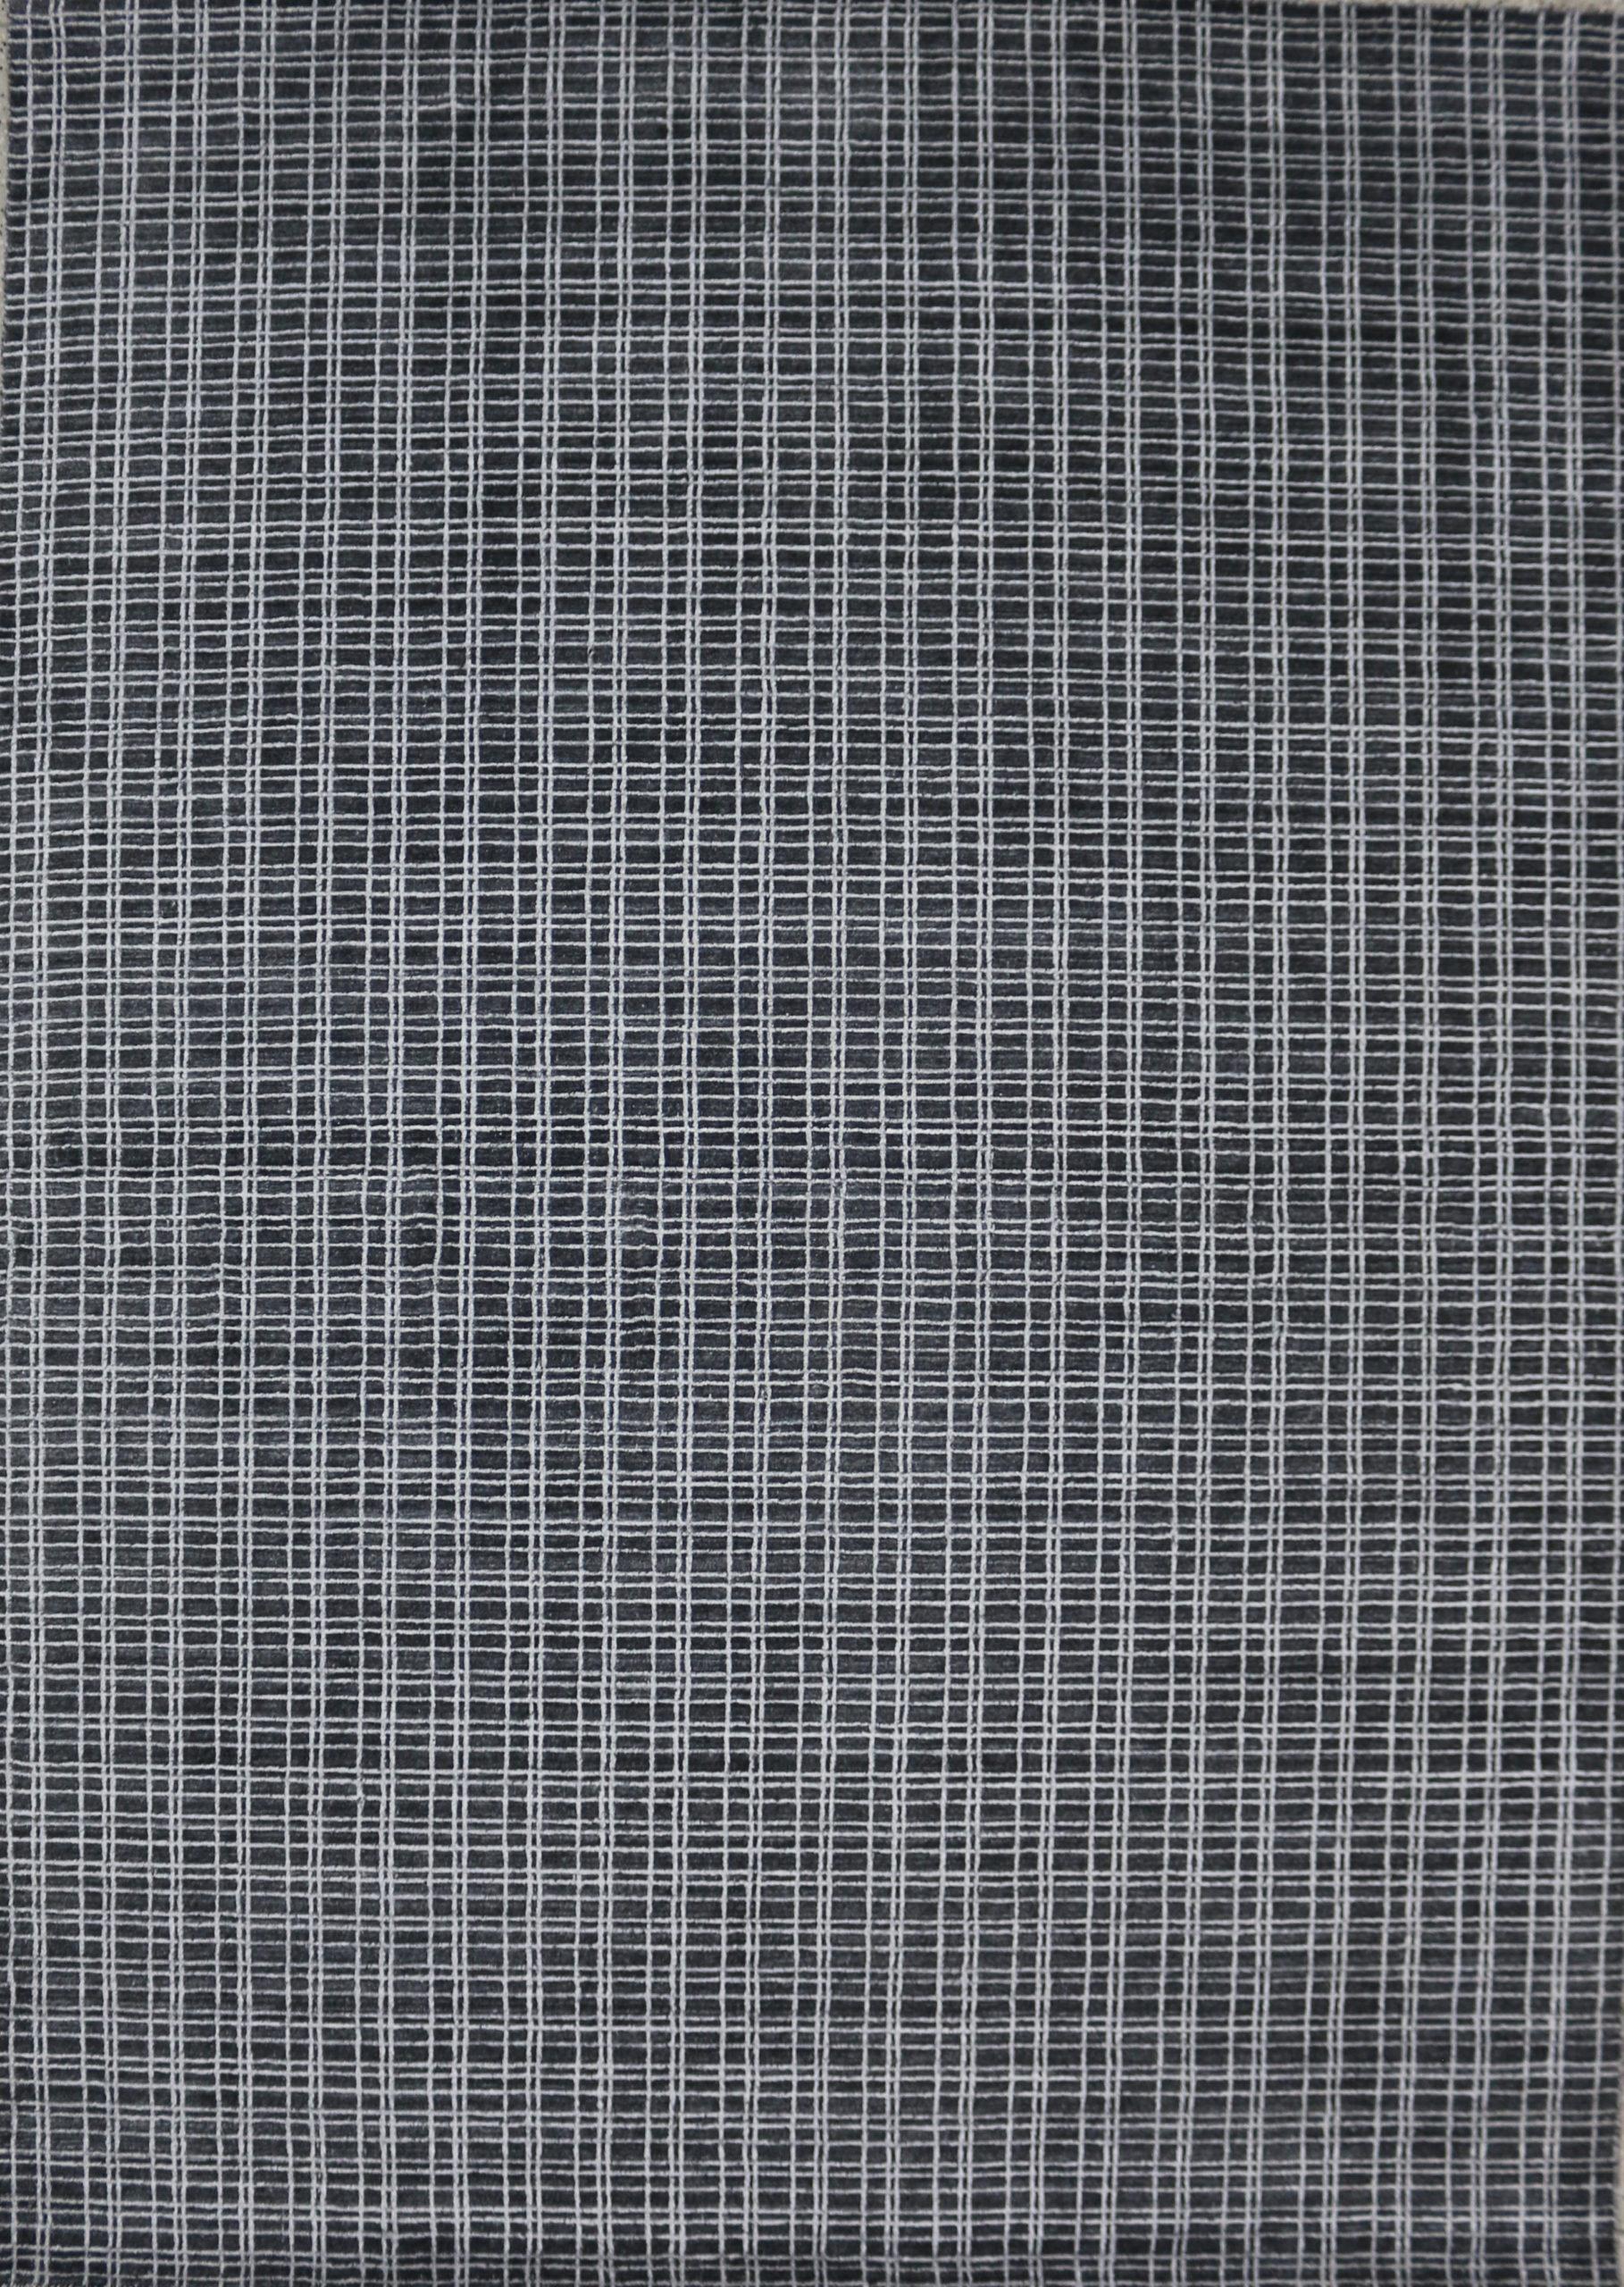 LH-01 Charcoal-LtGrey (1450D-1450B)